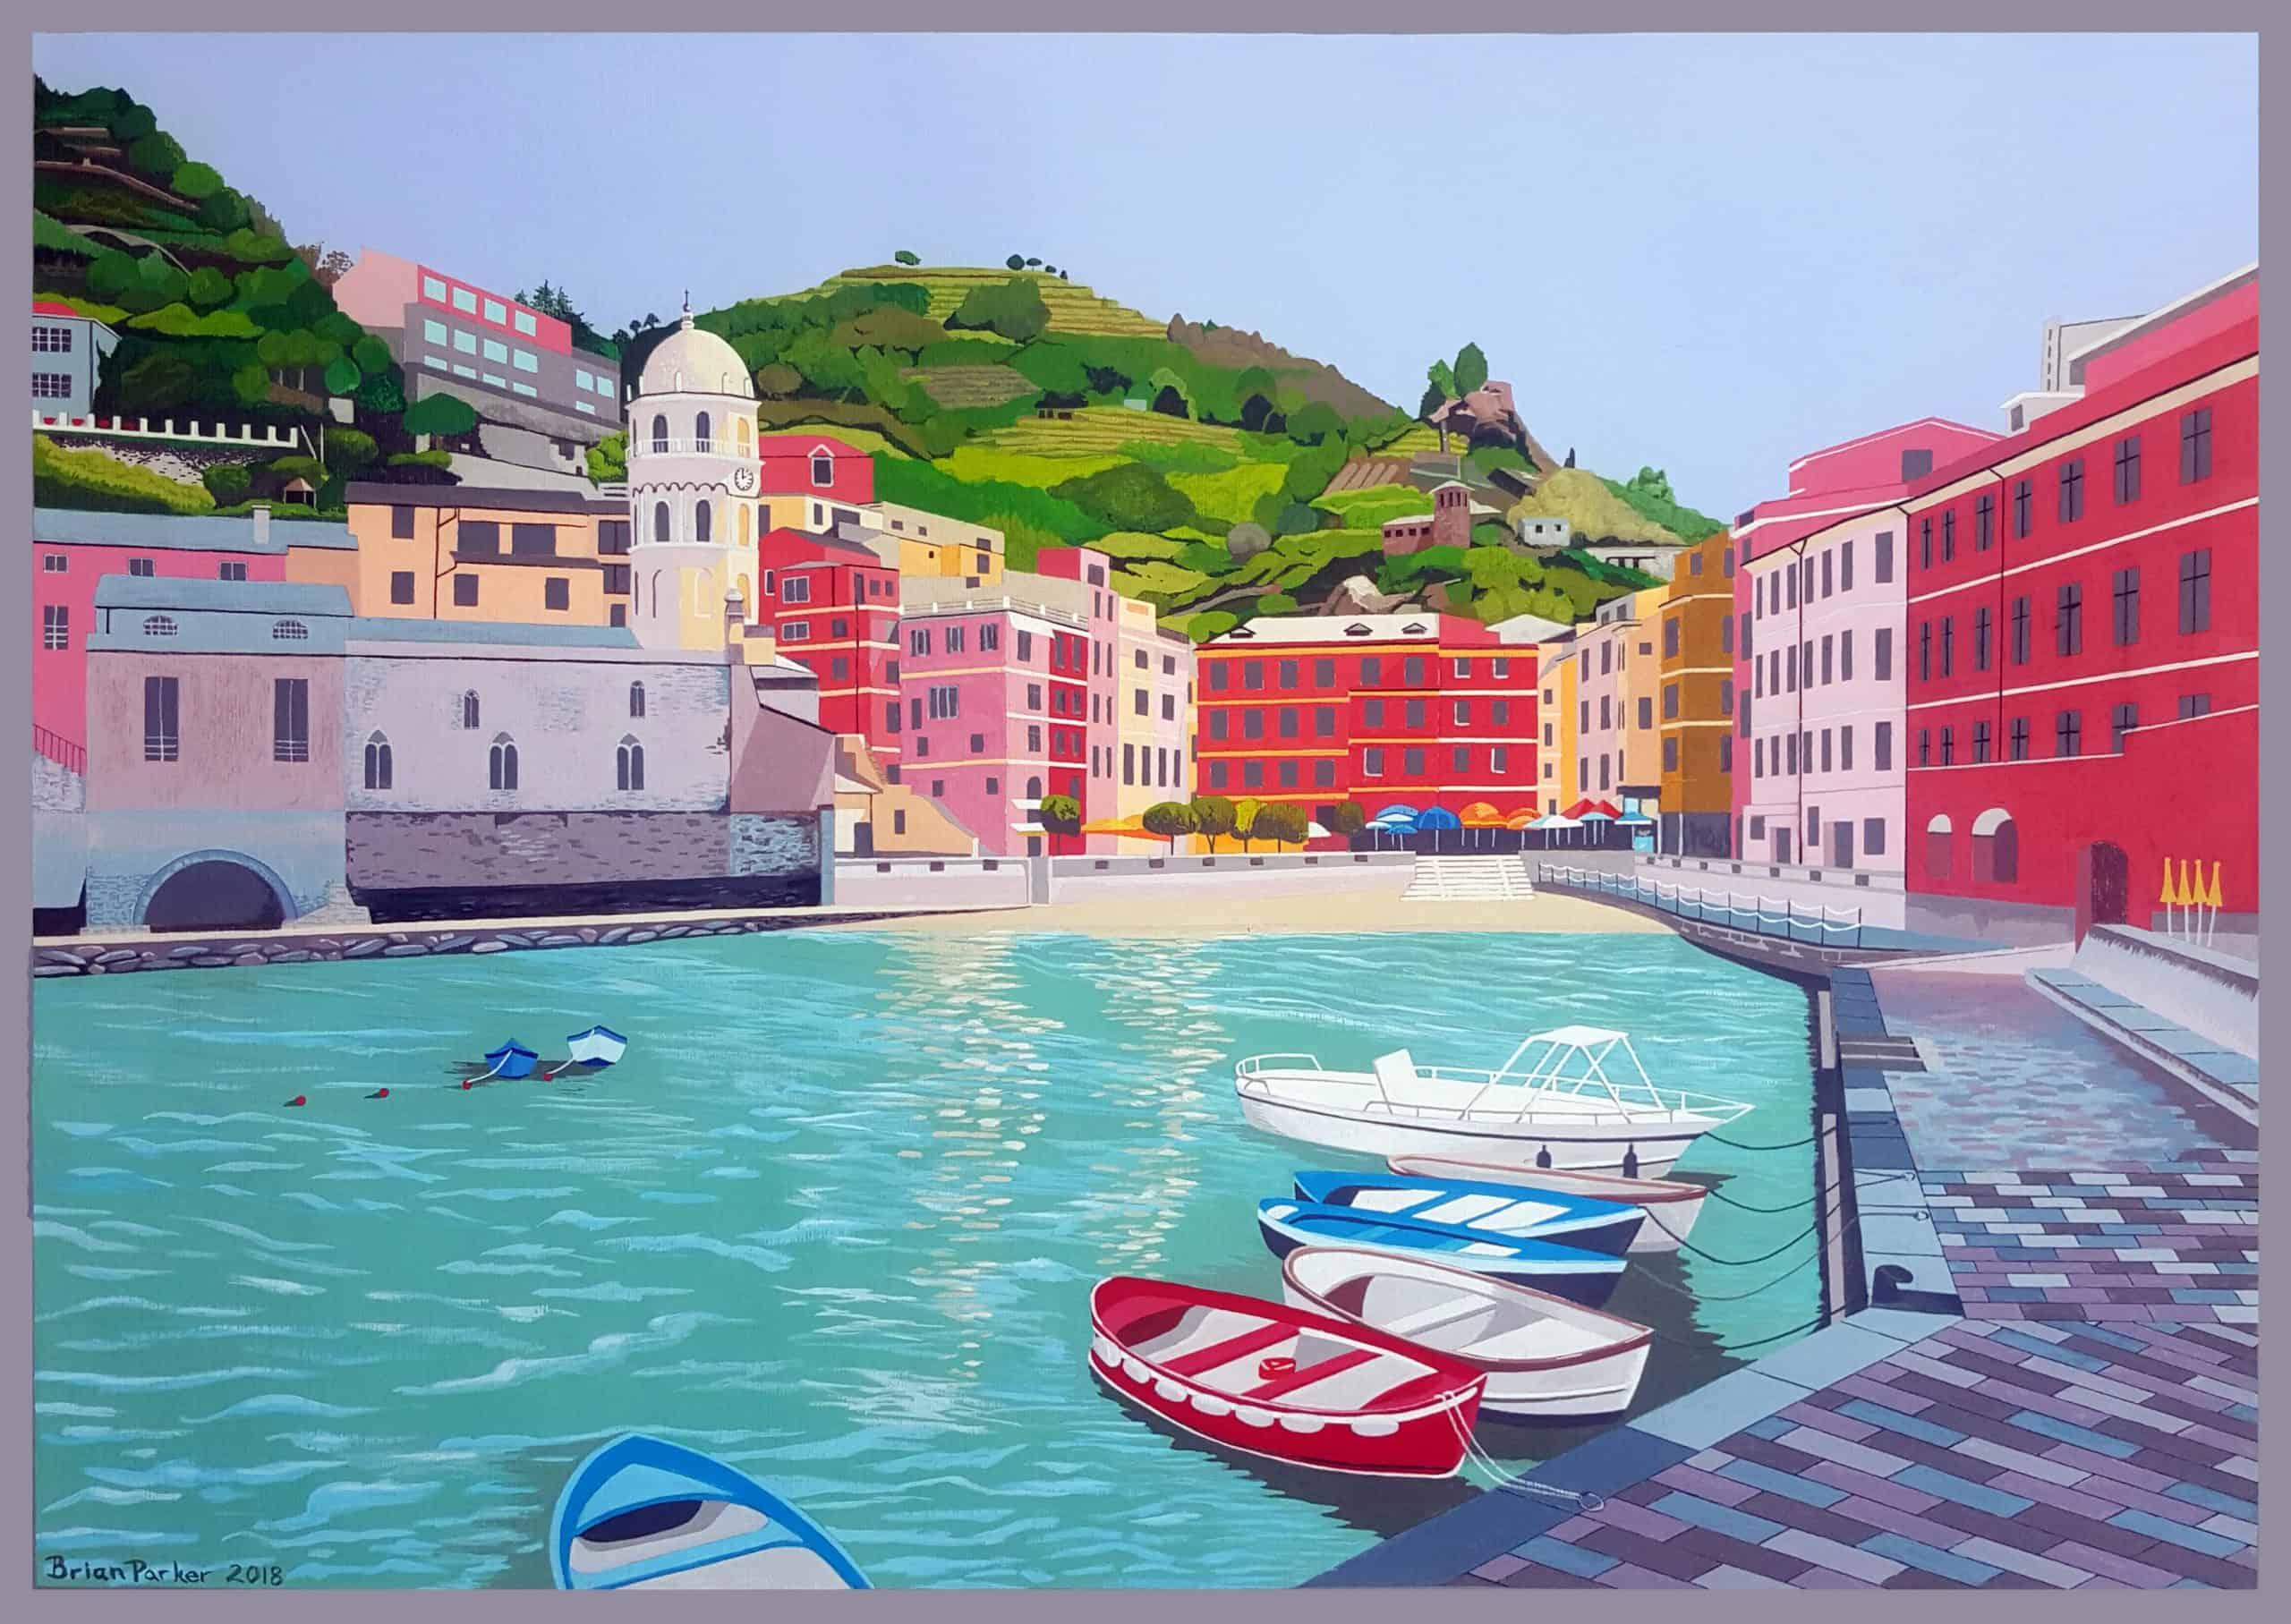 Cinque Terre – Manarola - 50 x 70cm Acrylic on paper